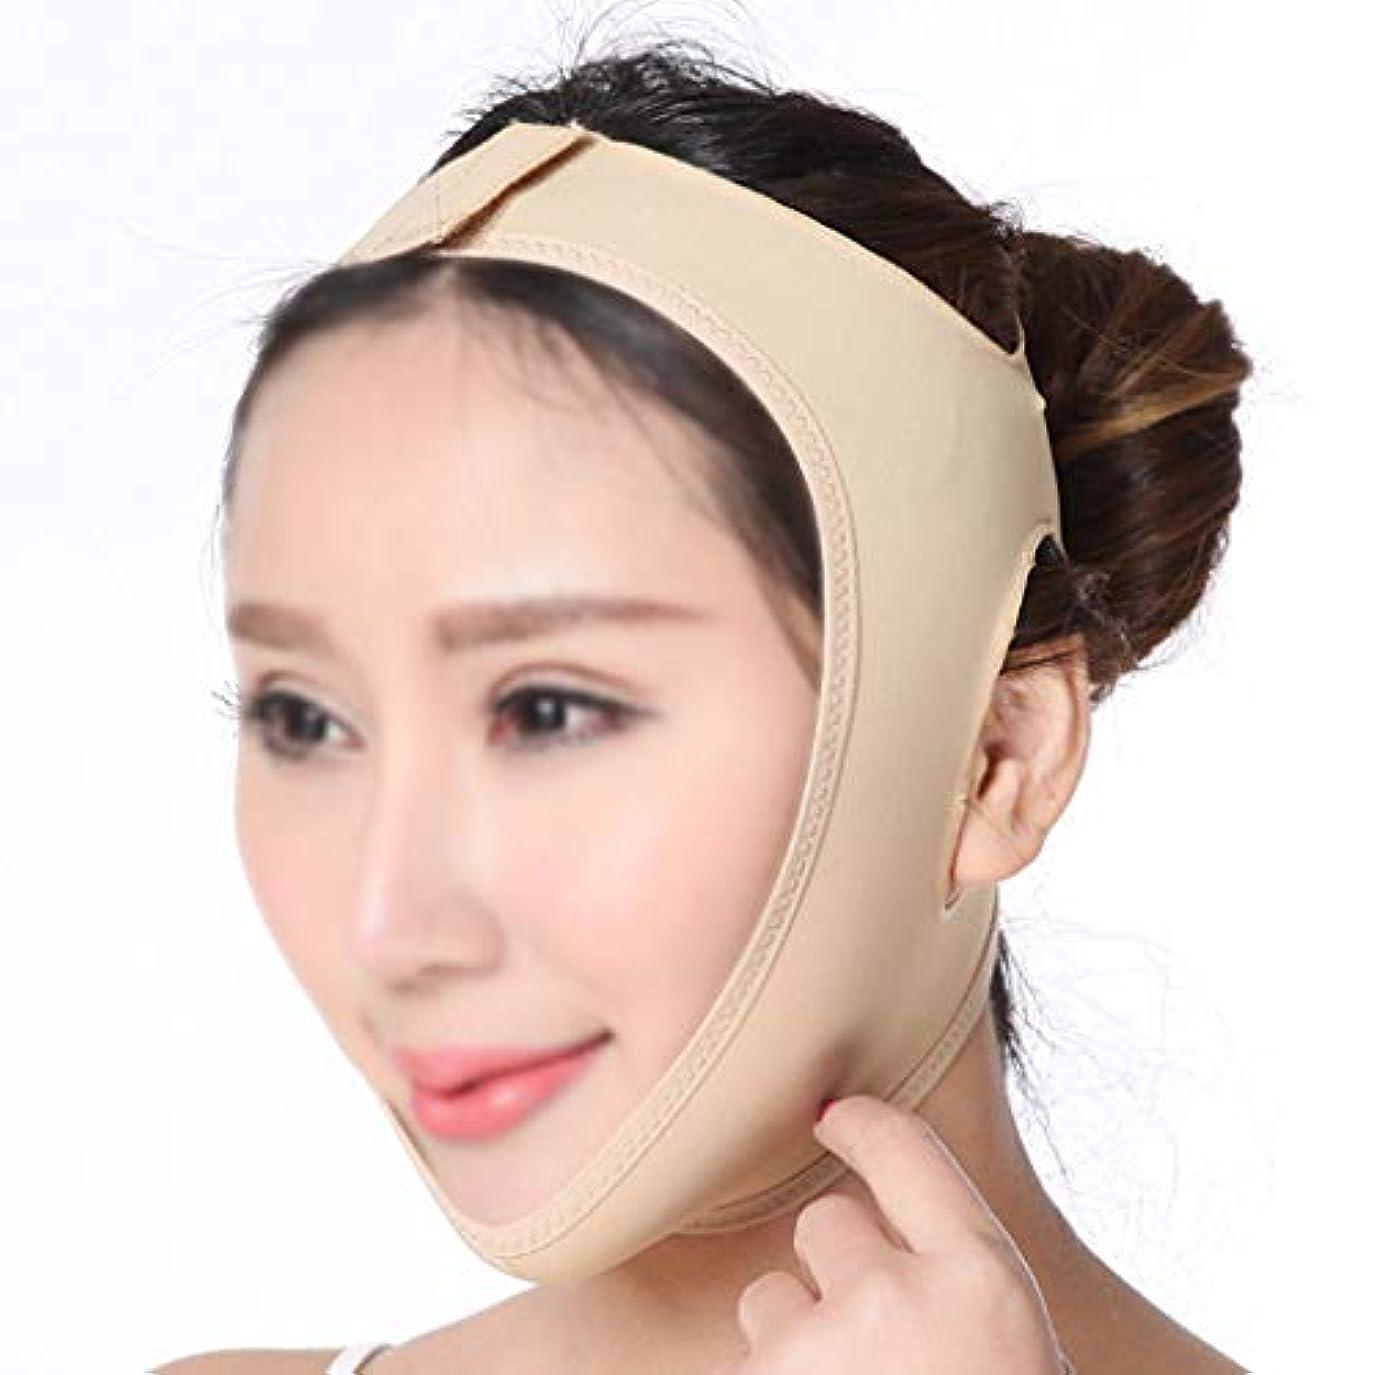 複数版株式会社GLJJQMY 薄い顔のアーティファクトVマスク薄い顔の包帯/顔の引き締め痩身包帯通気性二重あご減量マスク 顔用整形マスク (Size : L)